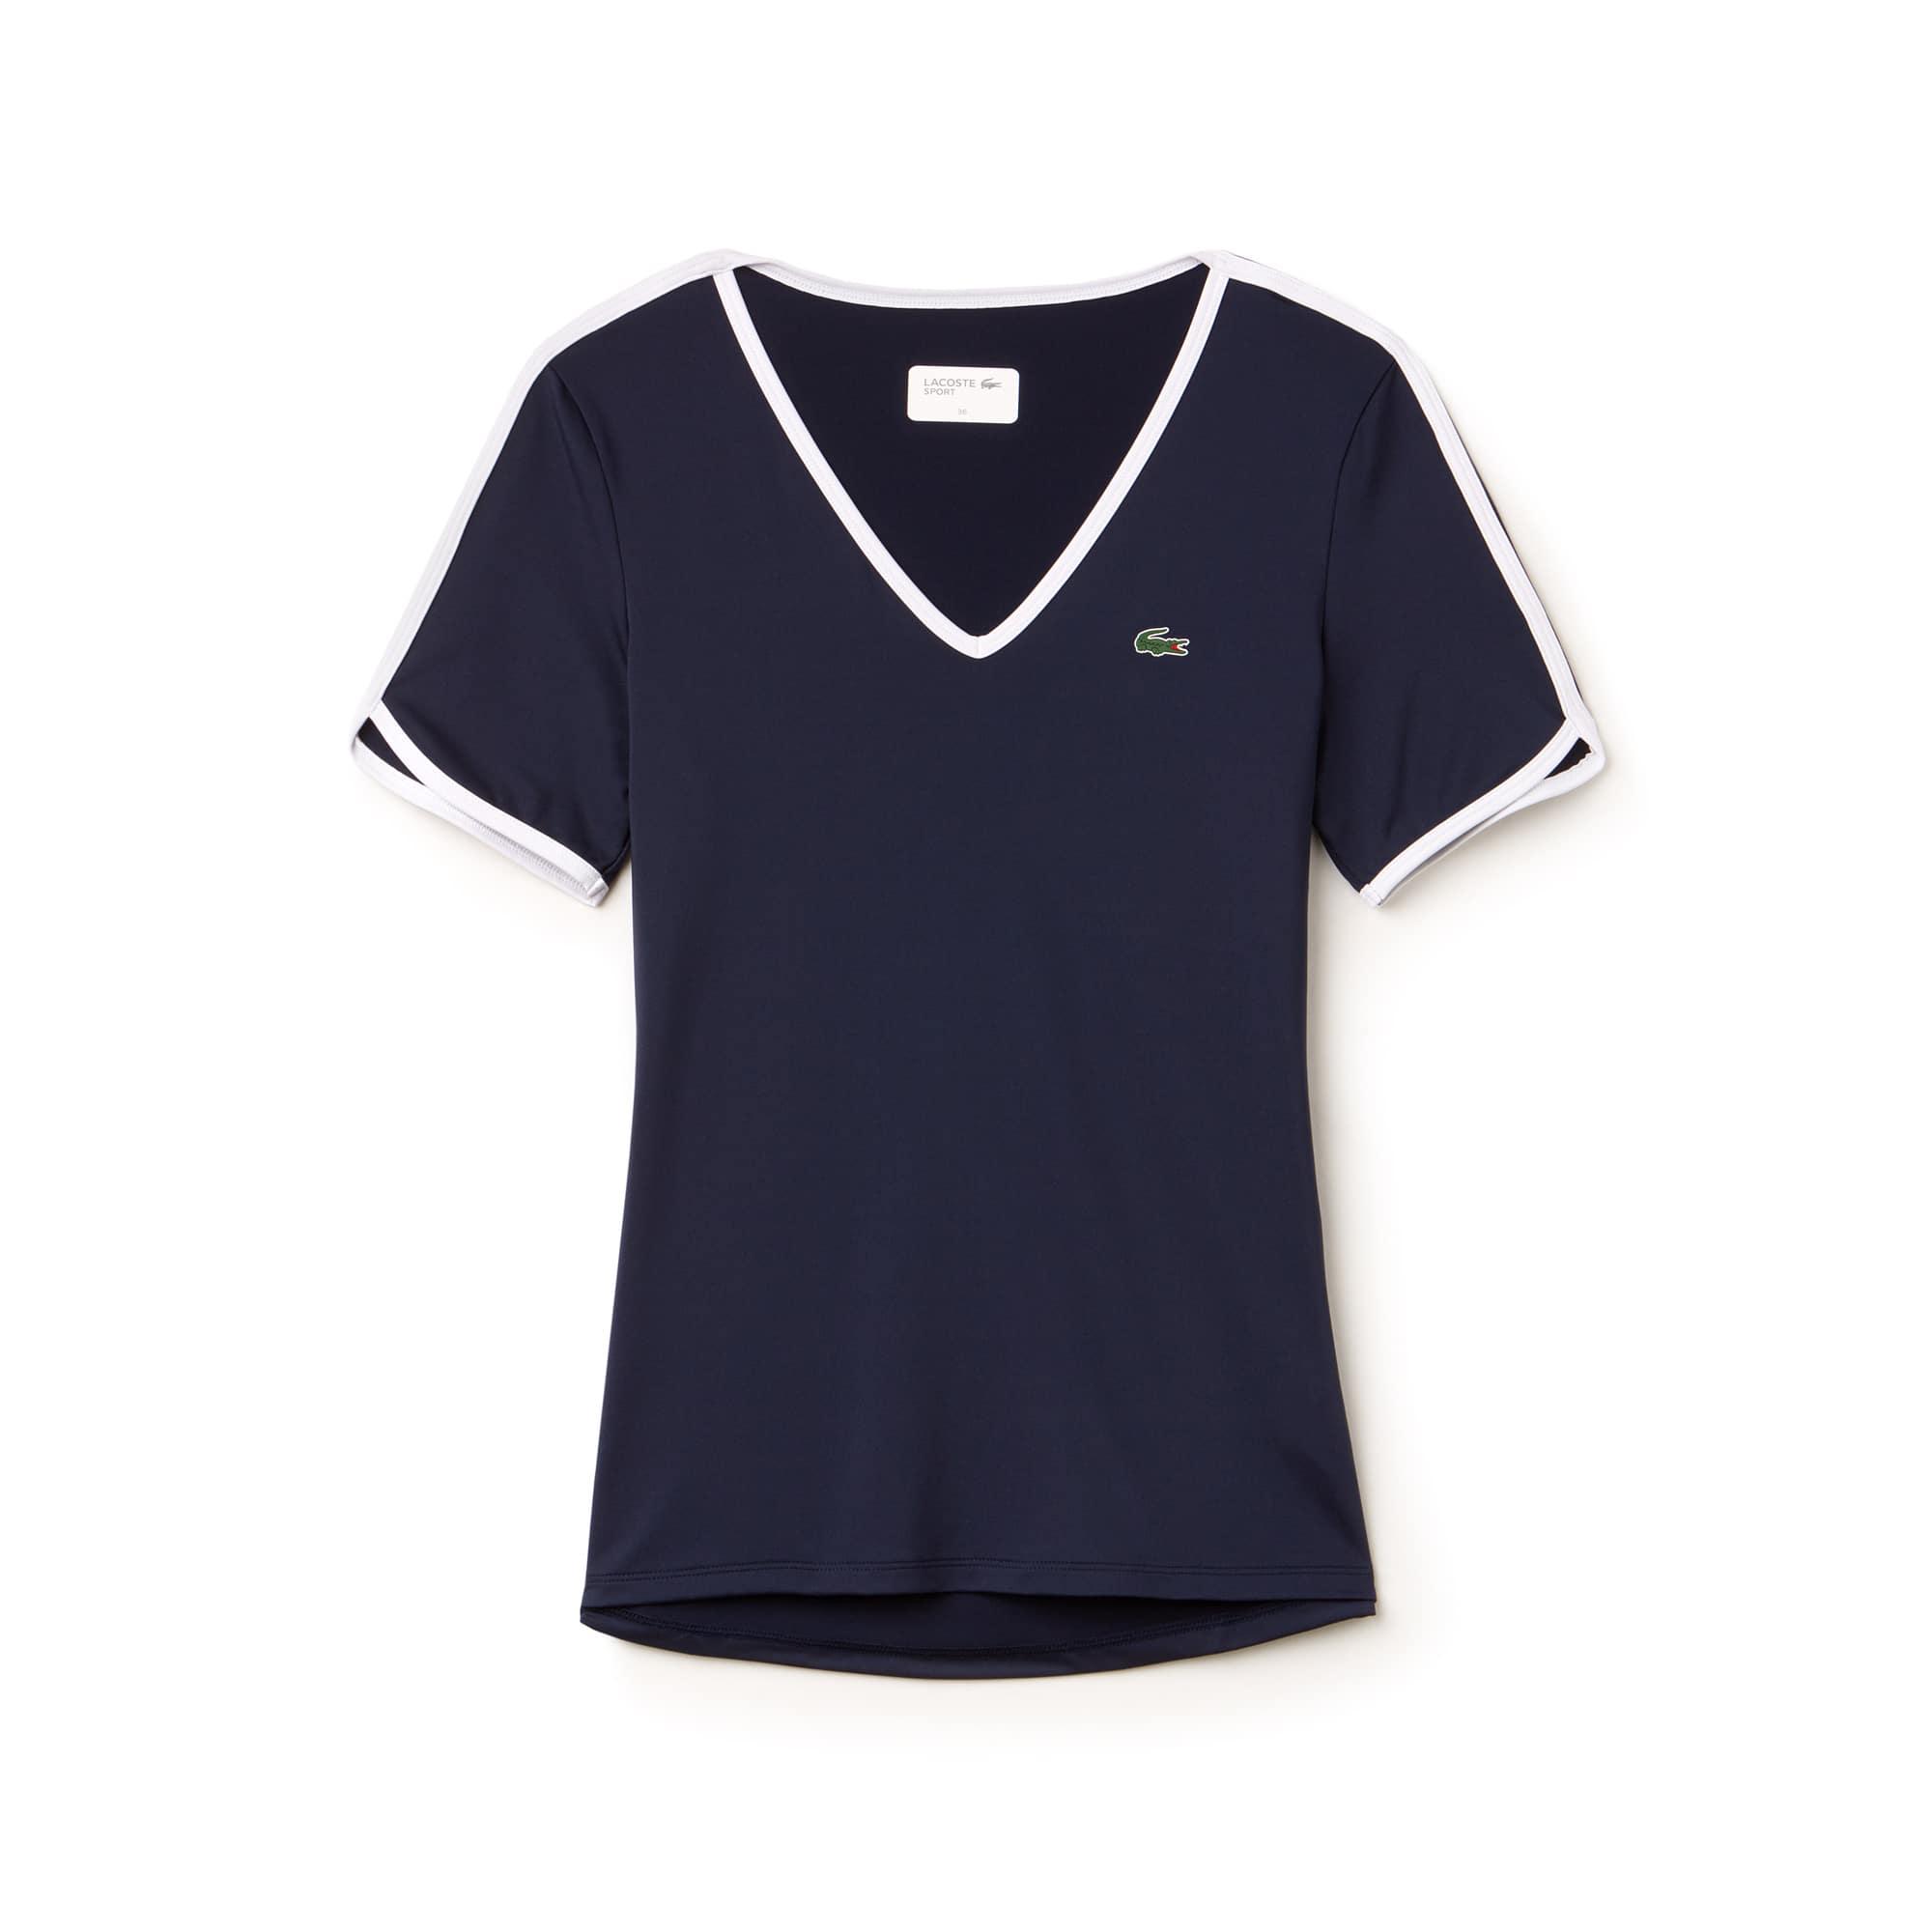 T-shirt con collo a V Tennis Lacoste SPORT in jersey stretch tecnico